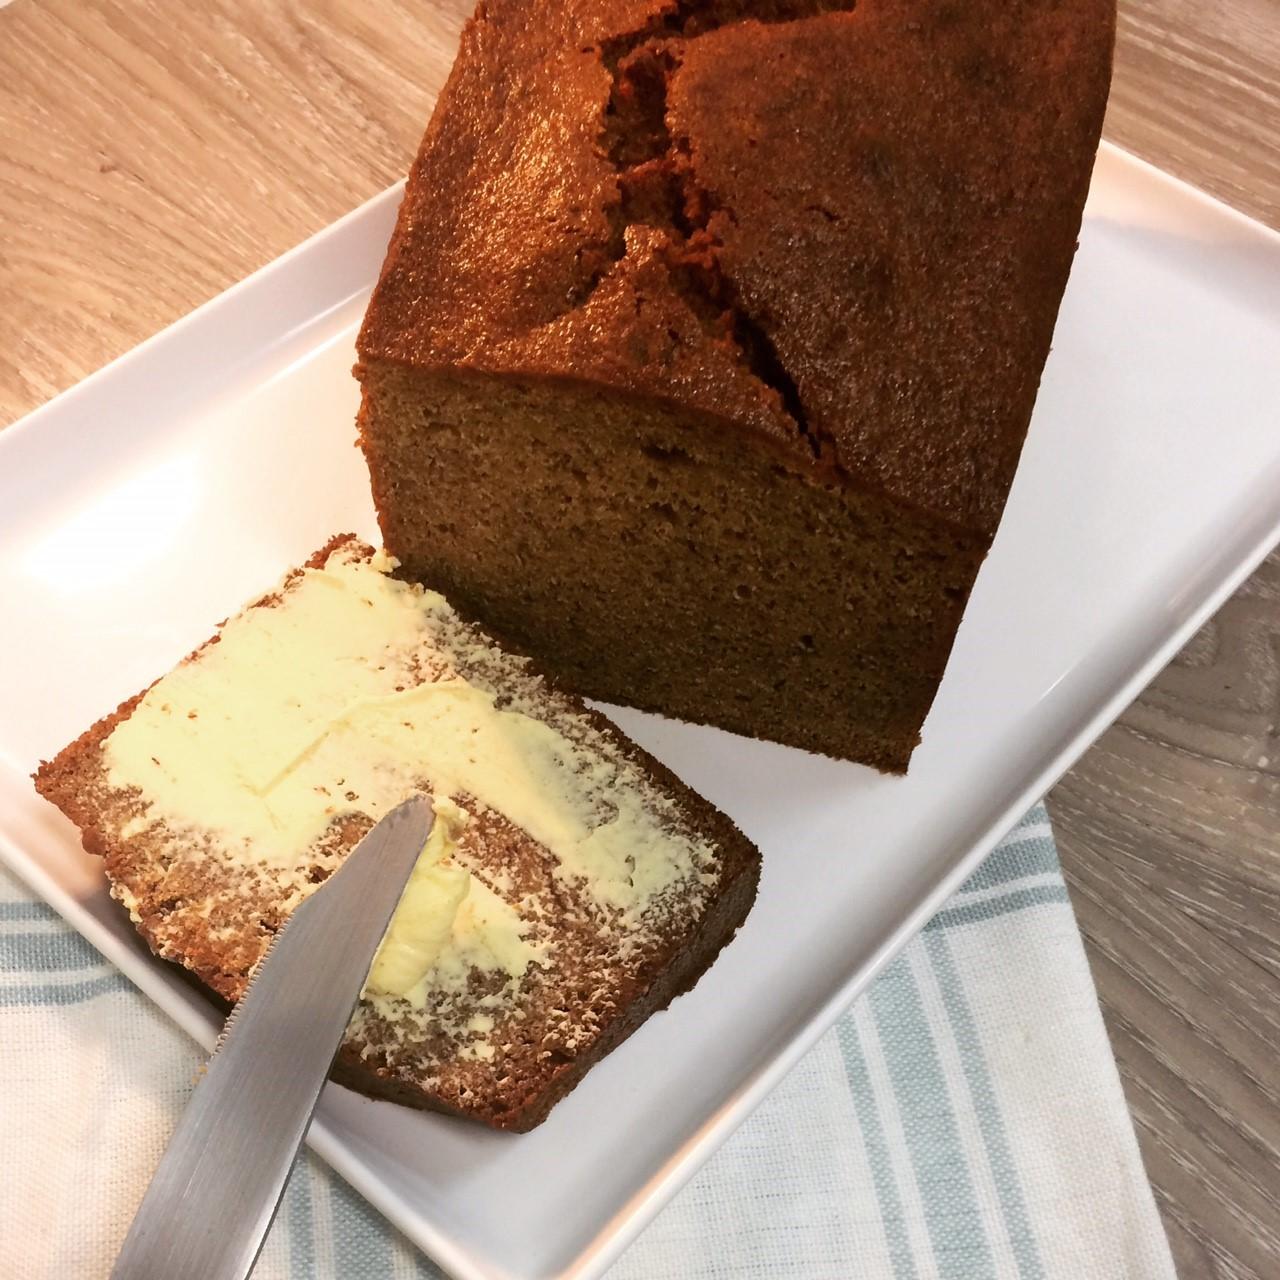 Banana Bread - Brunch Loaf 1.1kg    Pumpkin Pecan & Cranberry-Brunch Loaf 1.2kg    Date & Walnut-Brunch Loaf 1.2kg    Orange & Almond (Gluten Free) -Brunch Loaf 1kg    DELI/CAFE WHOLESALE PRODUCT ONLY